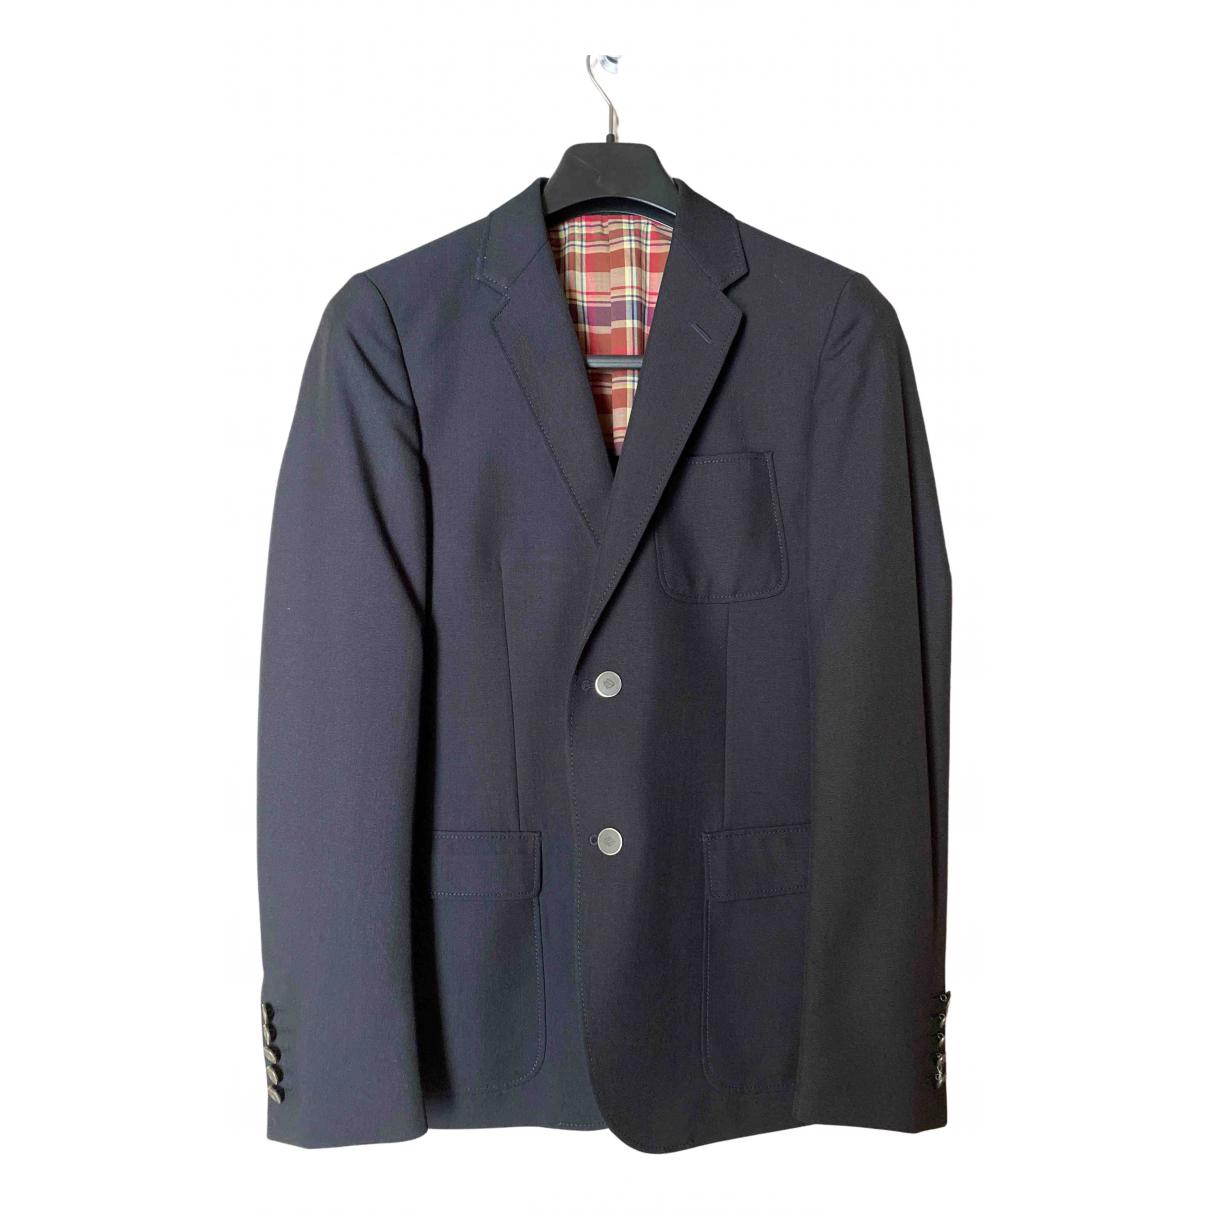 Gucci - Vestes.Blousons   pour homme en laine - bleu